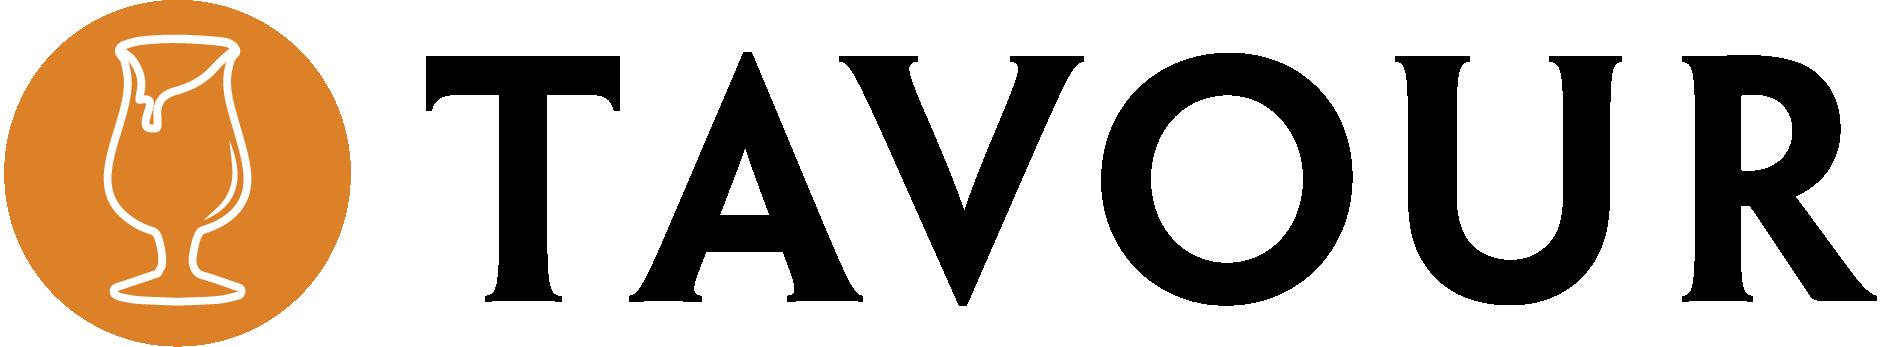 tavour-transparent-lg.png